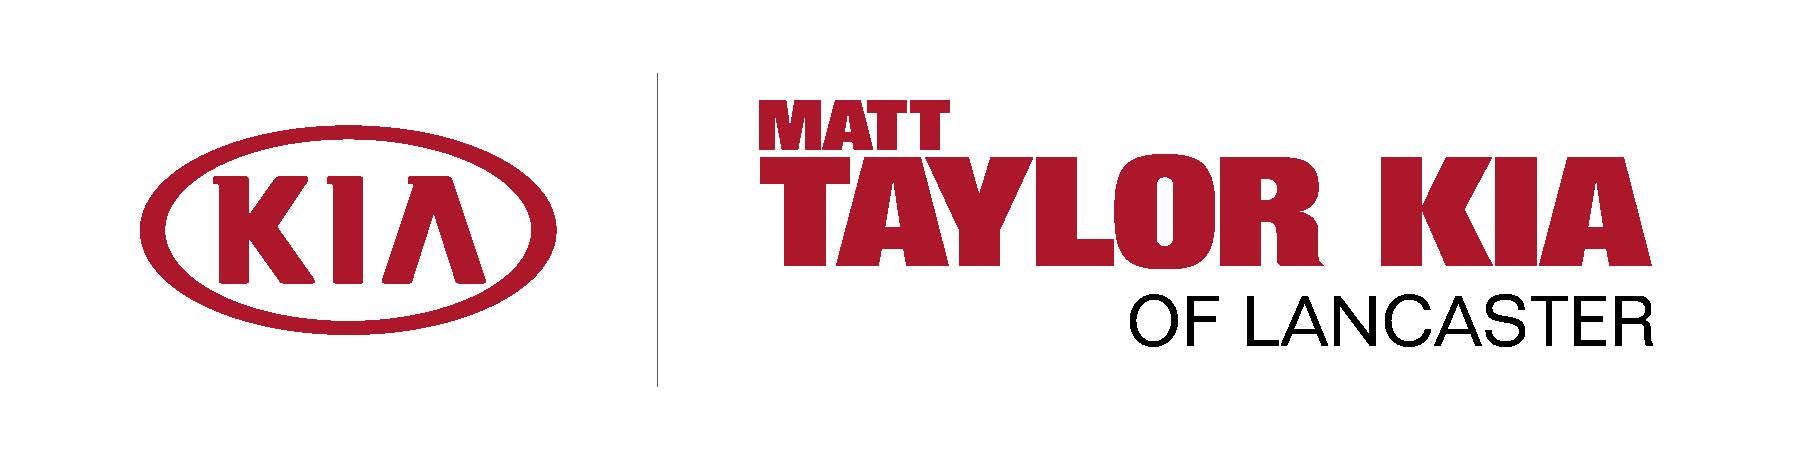 Matt-Taylor-Kia---Lancaster-Logo---Kia-Bug.jpg